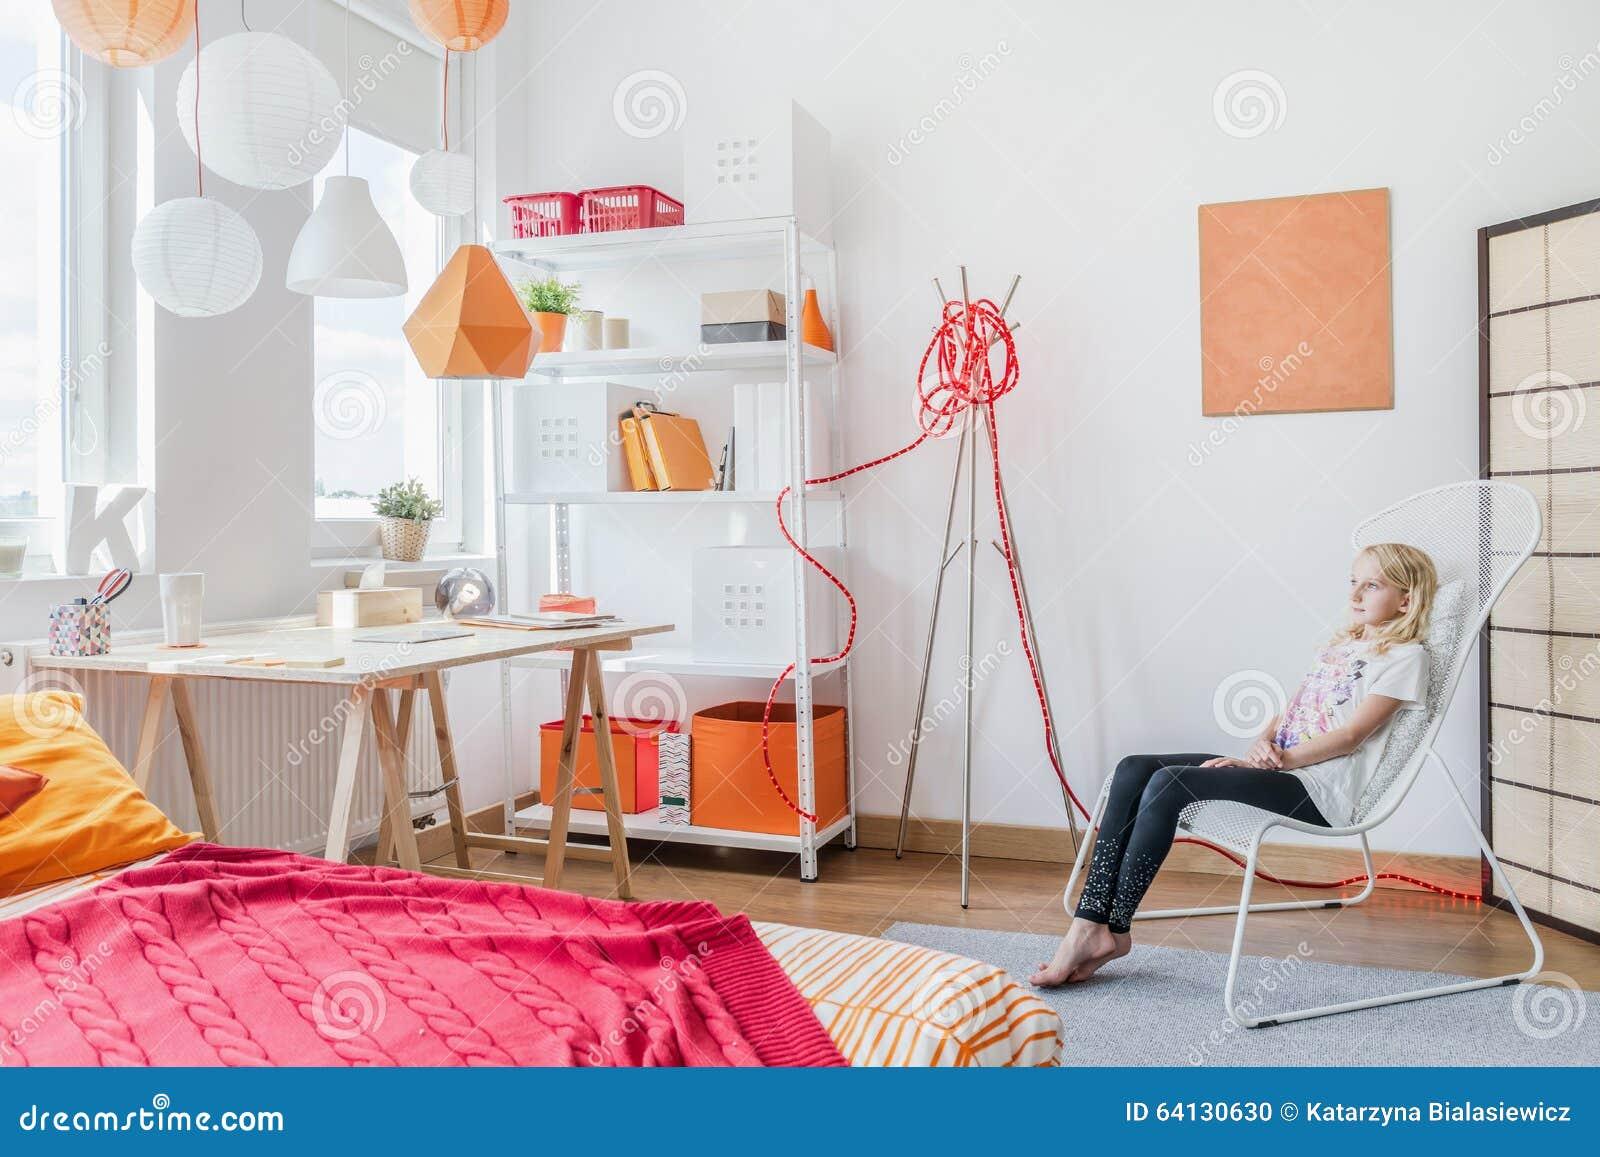 青少年的女孩在现代屋子里